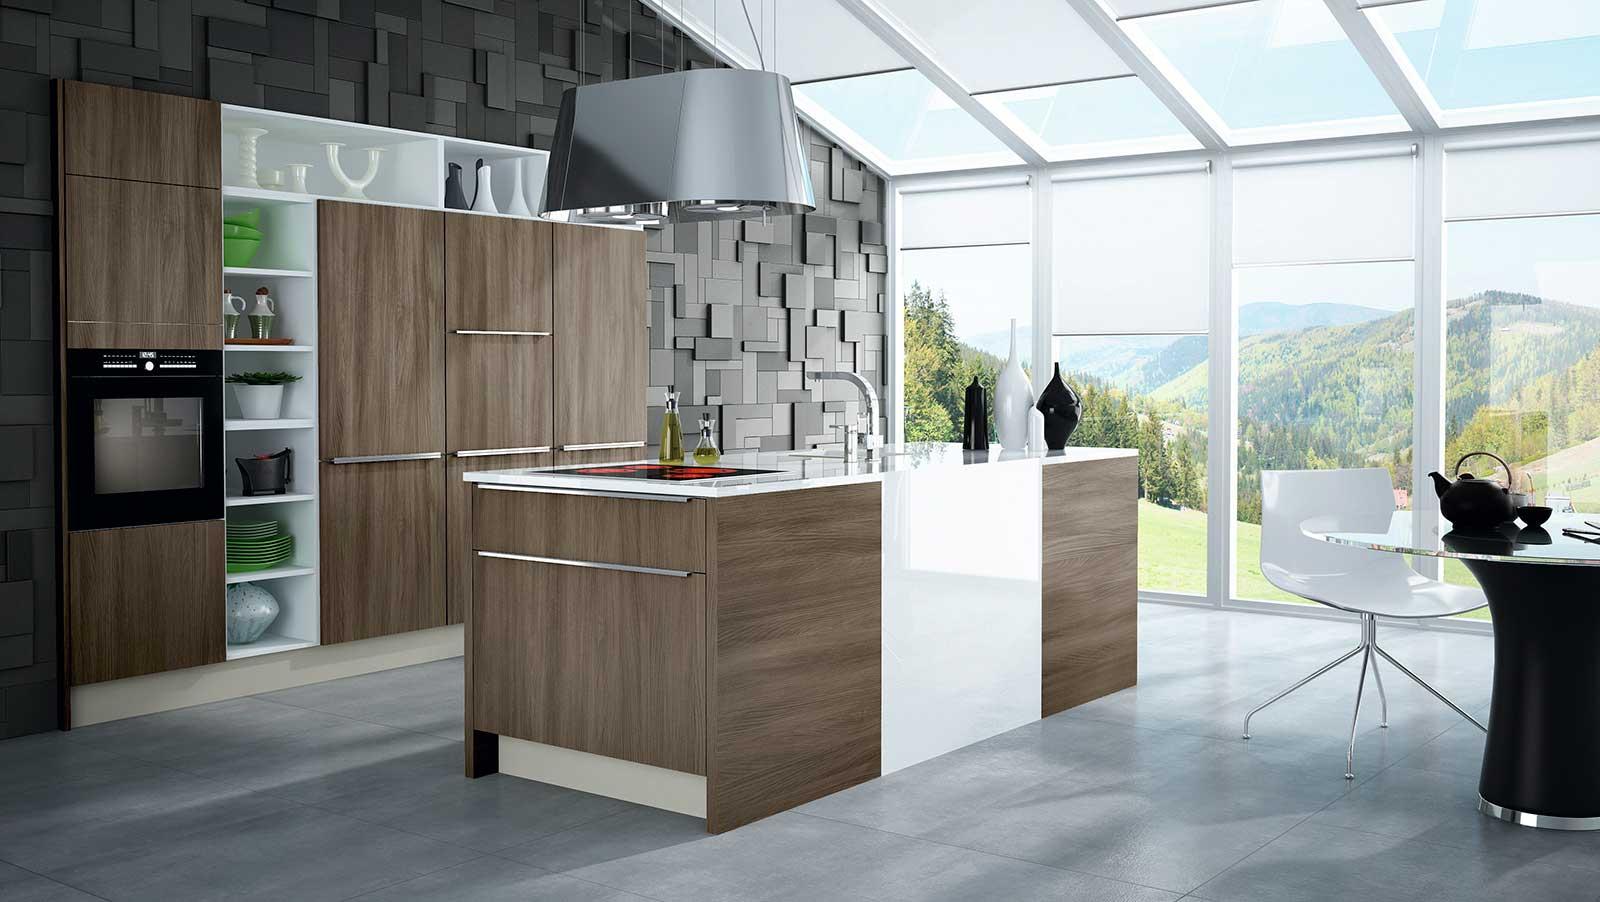 cocina_cocinas_capis_07